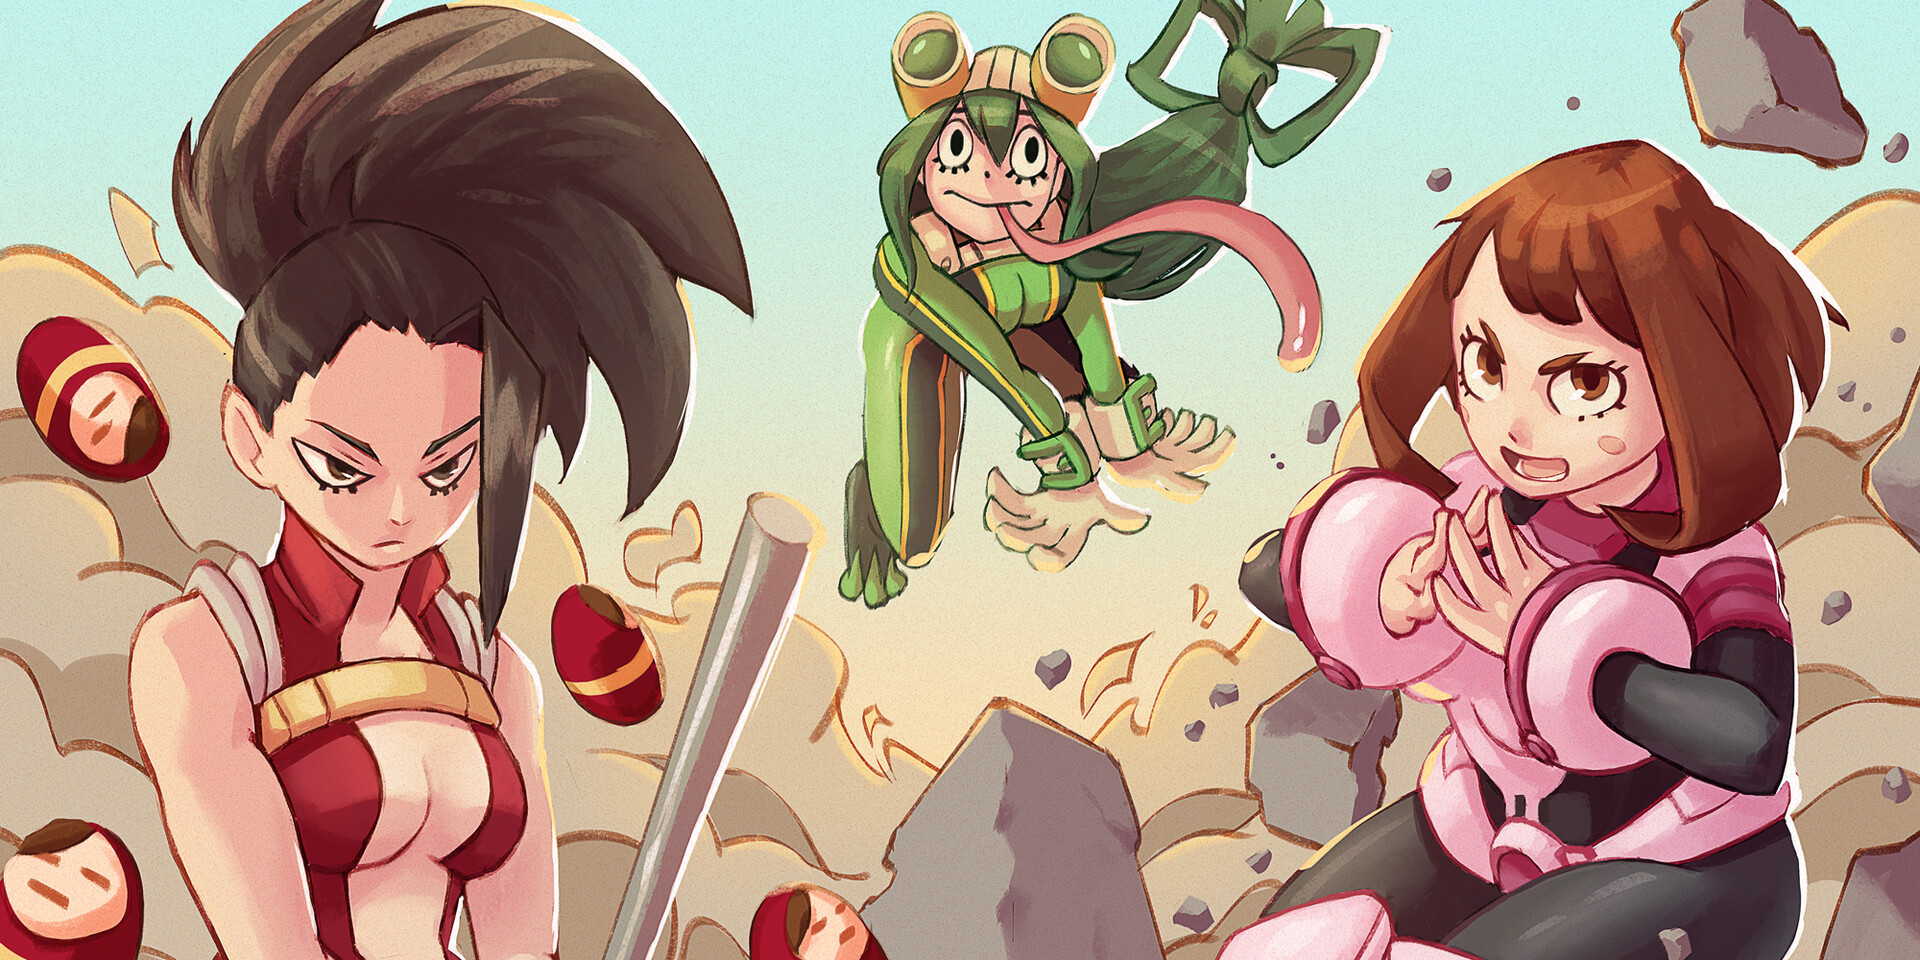 Boku No Hero - Girlies Edition